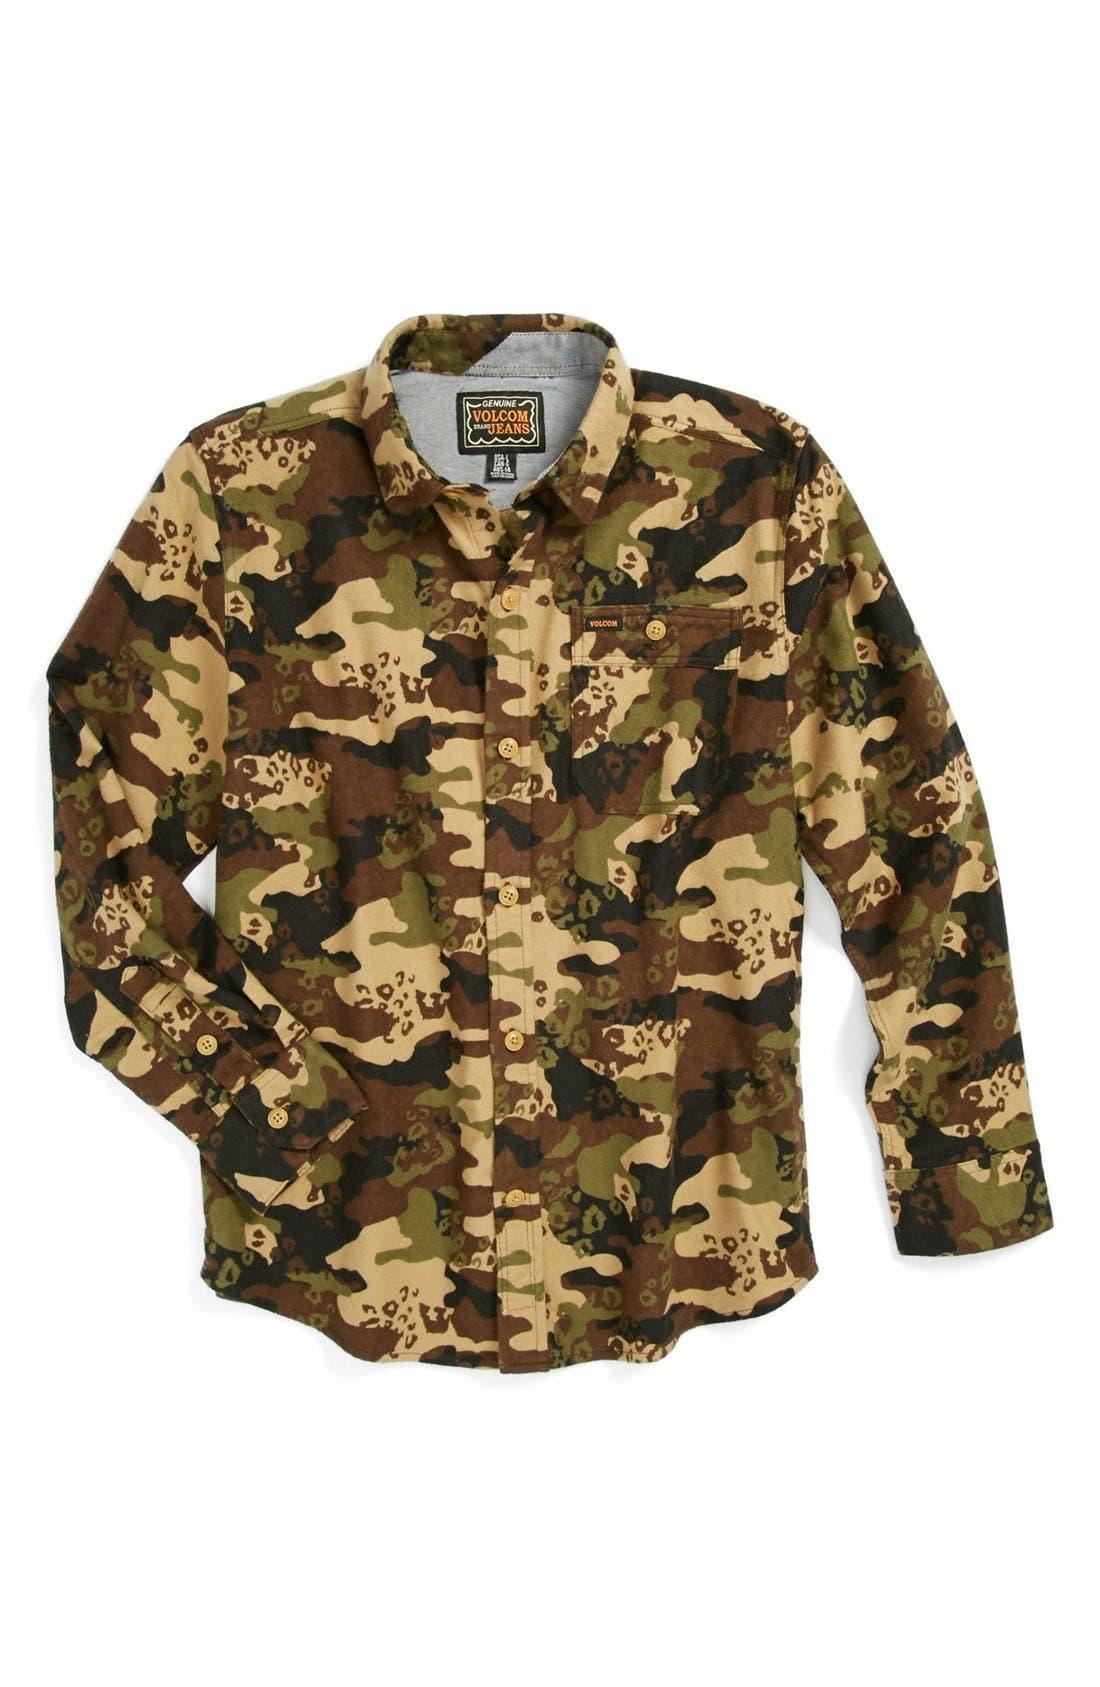 Alternate Image 1 Selected - Volcom 'Harry' Camo Shirt (Big Boys)